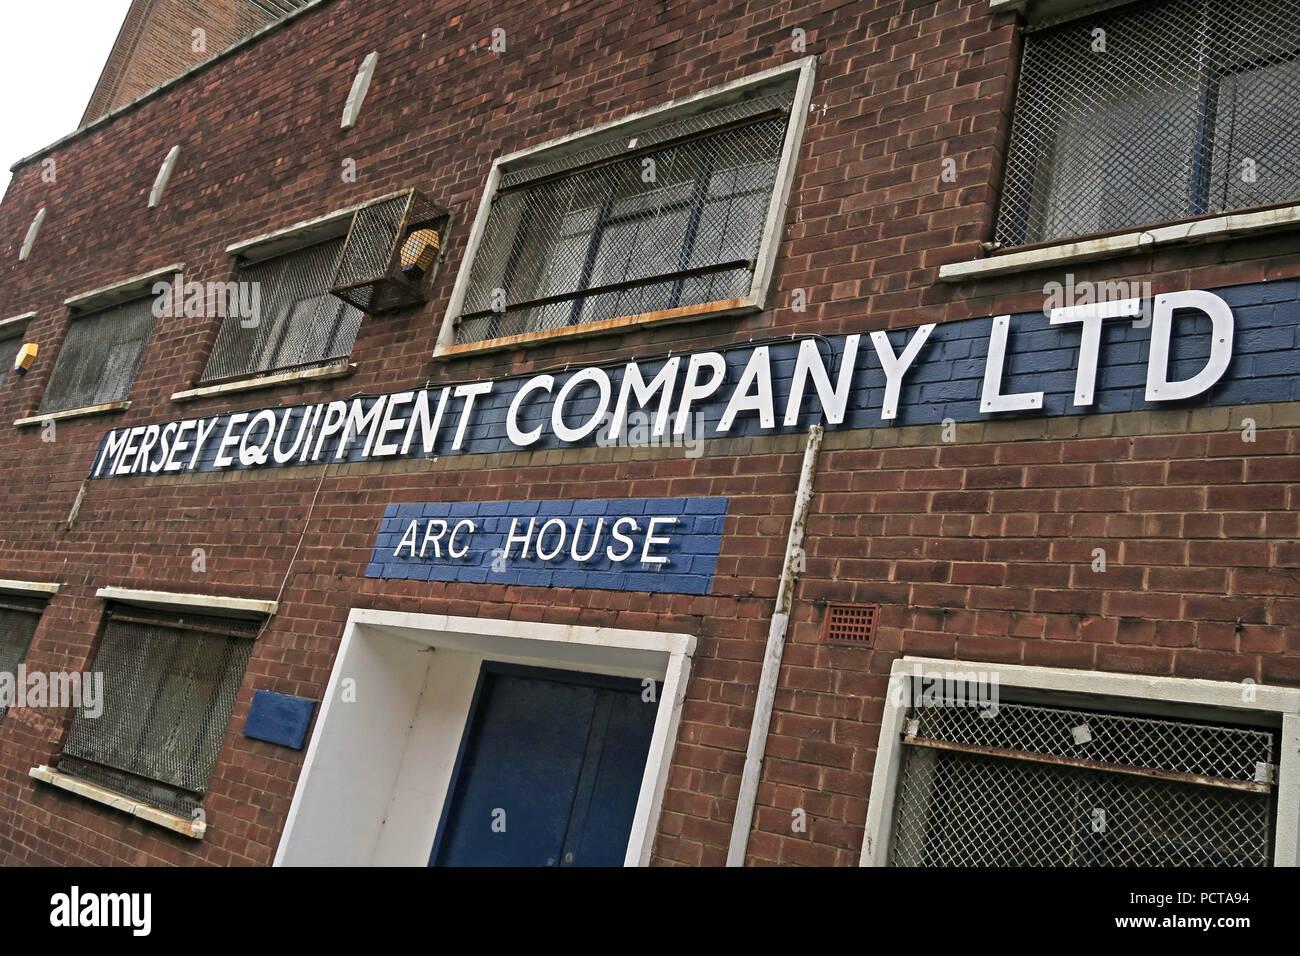 GoTonySmith,@HotpixUK,UK,Welding